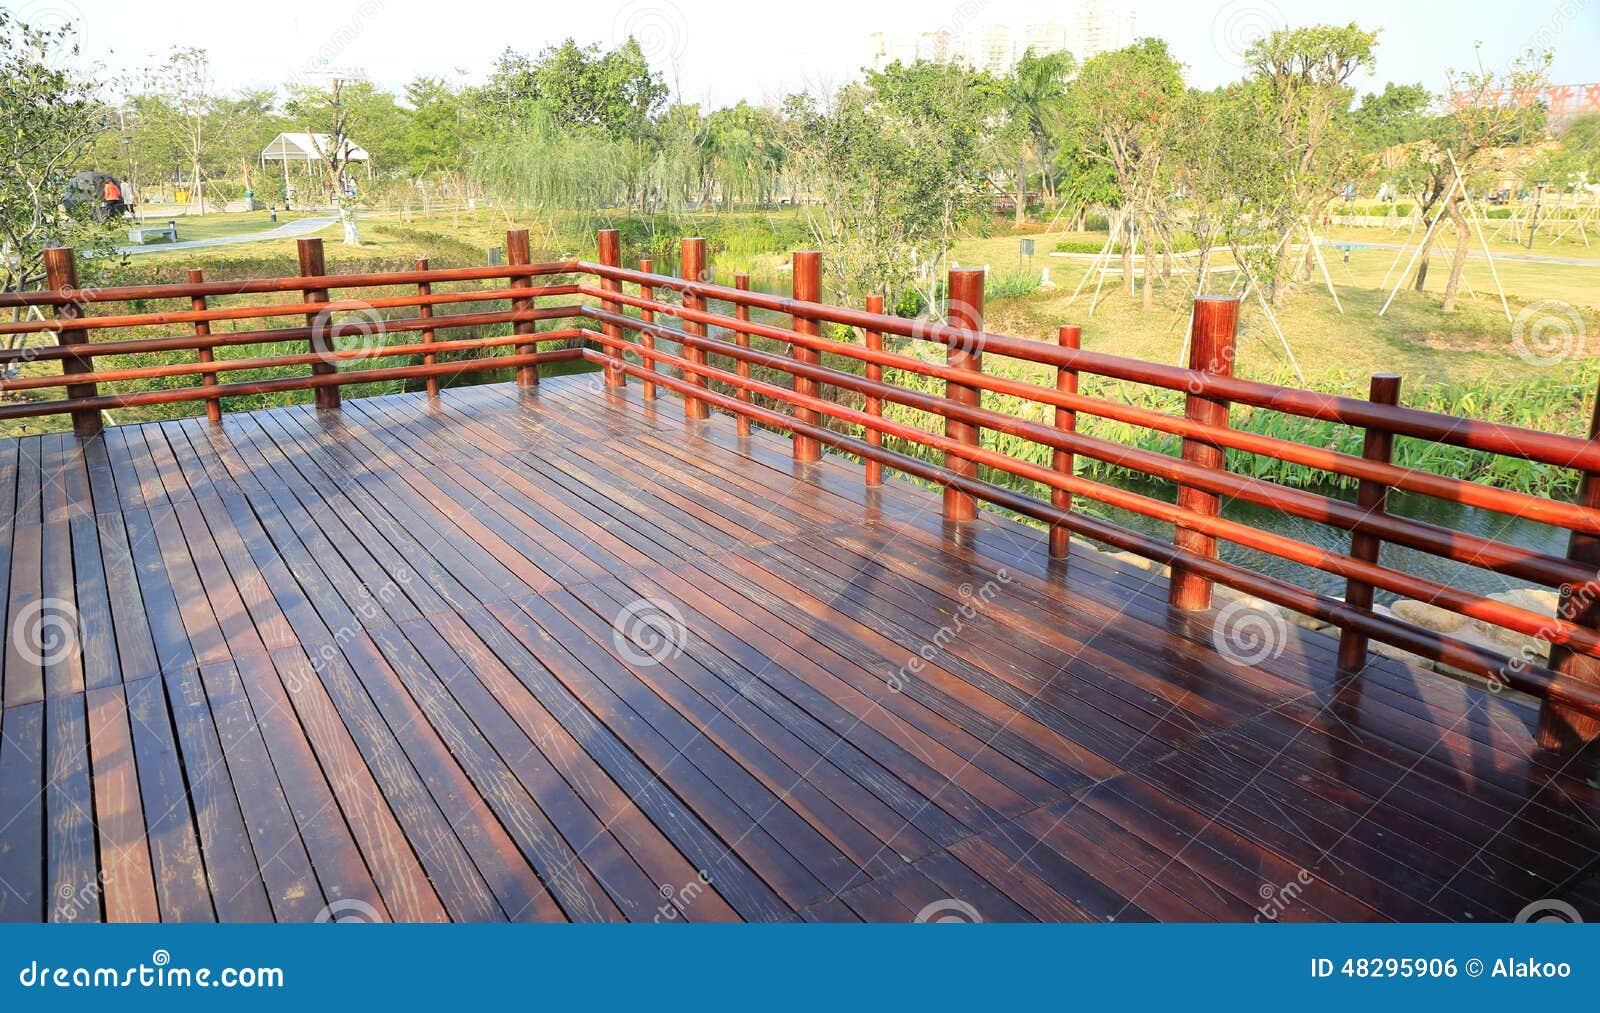 Download Exterior Wooden Deck Wood Outdoor Patio Garden Terrace Stock Photo    Image Of Luxury,